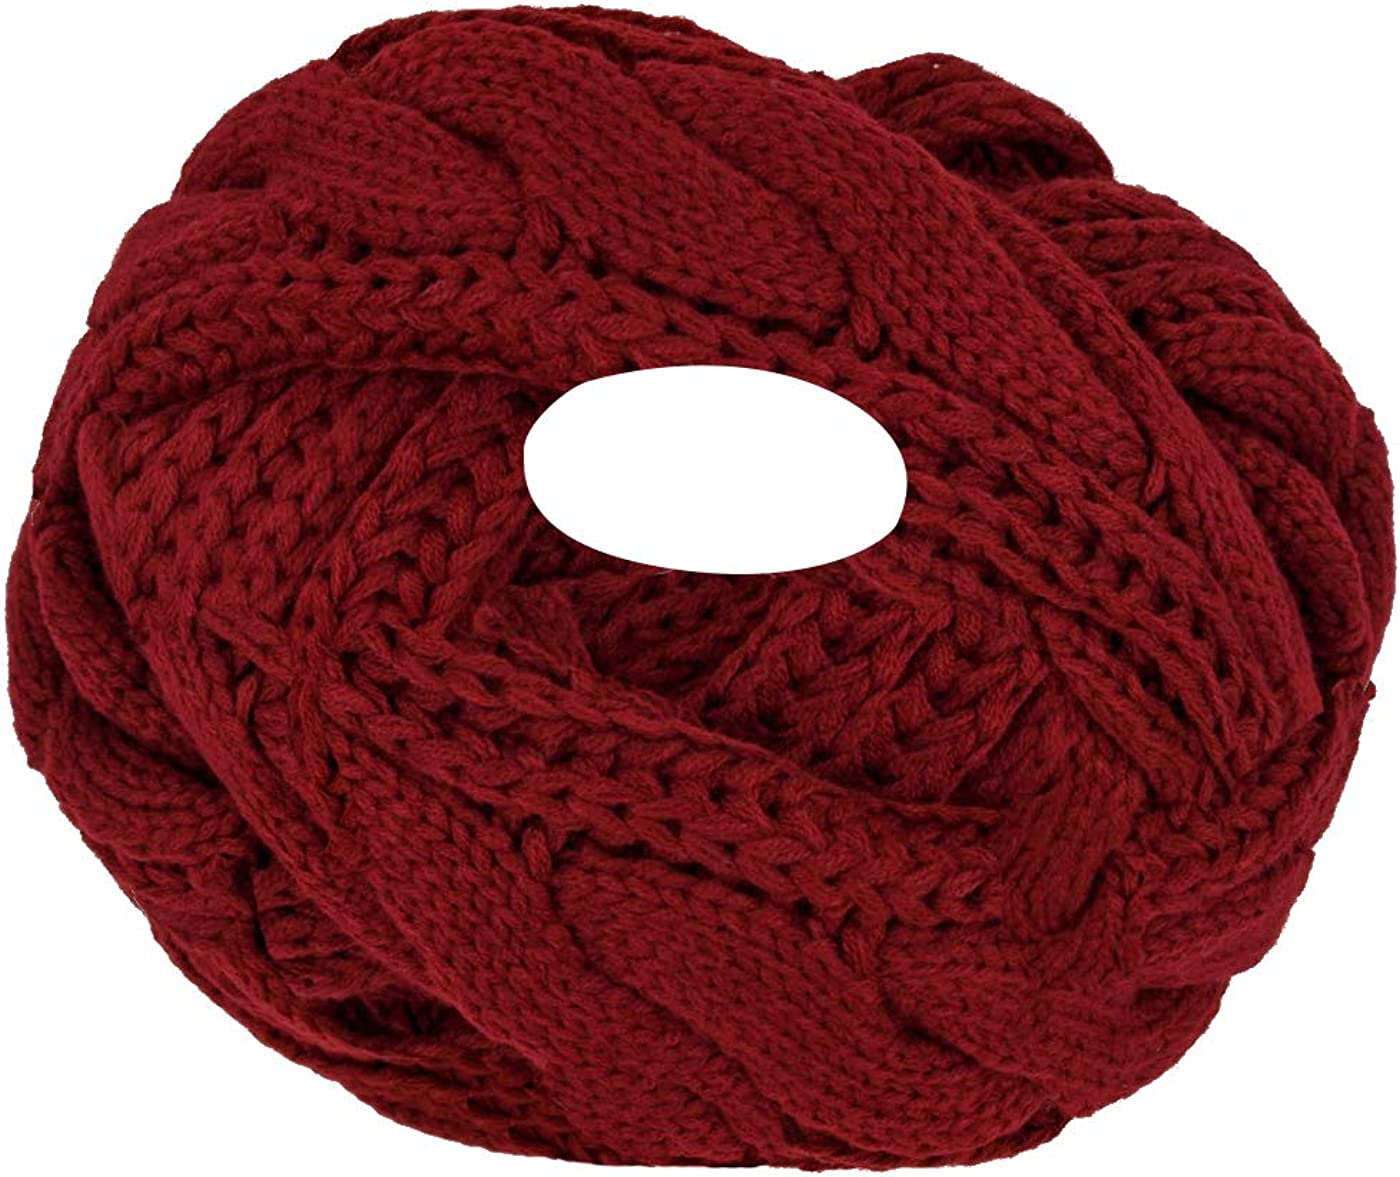 Luna et Margarita Bufanda que hace punto del círculo de la torcedura del gancho de la bufanda 8 colores de invierno hombre de las mujeres